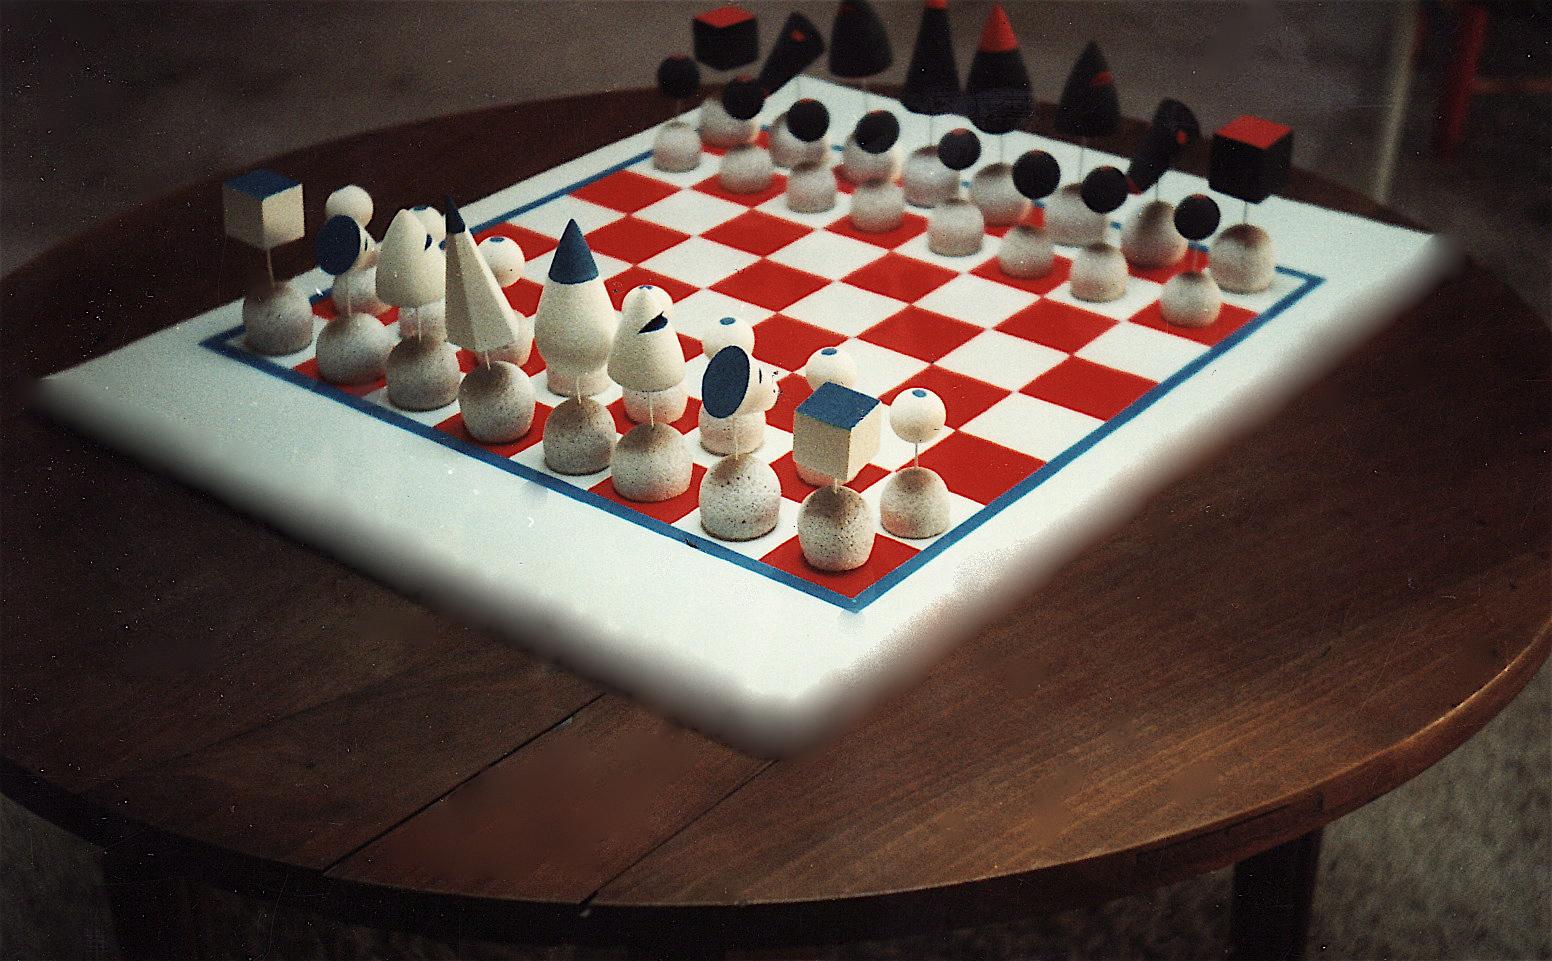 Jeu d'échecs (prototype)